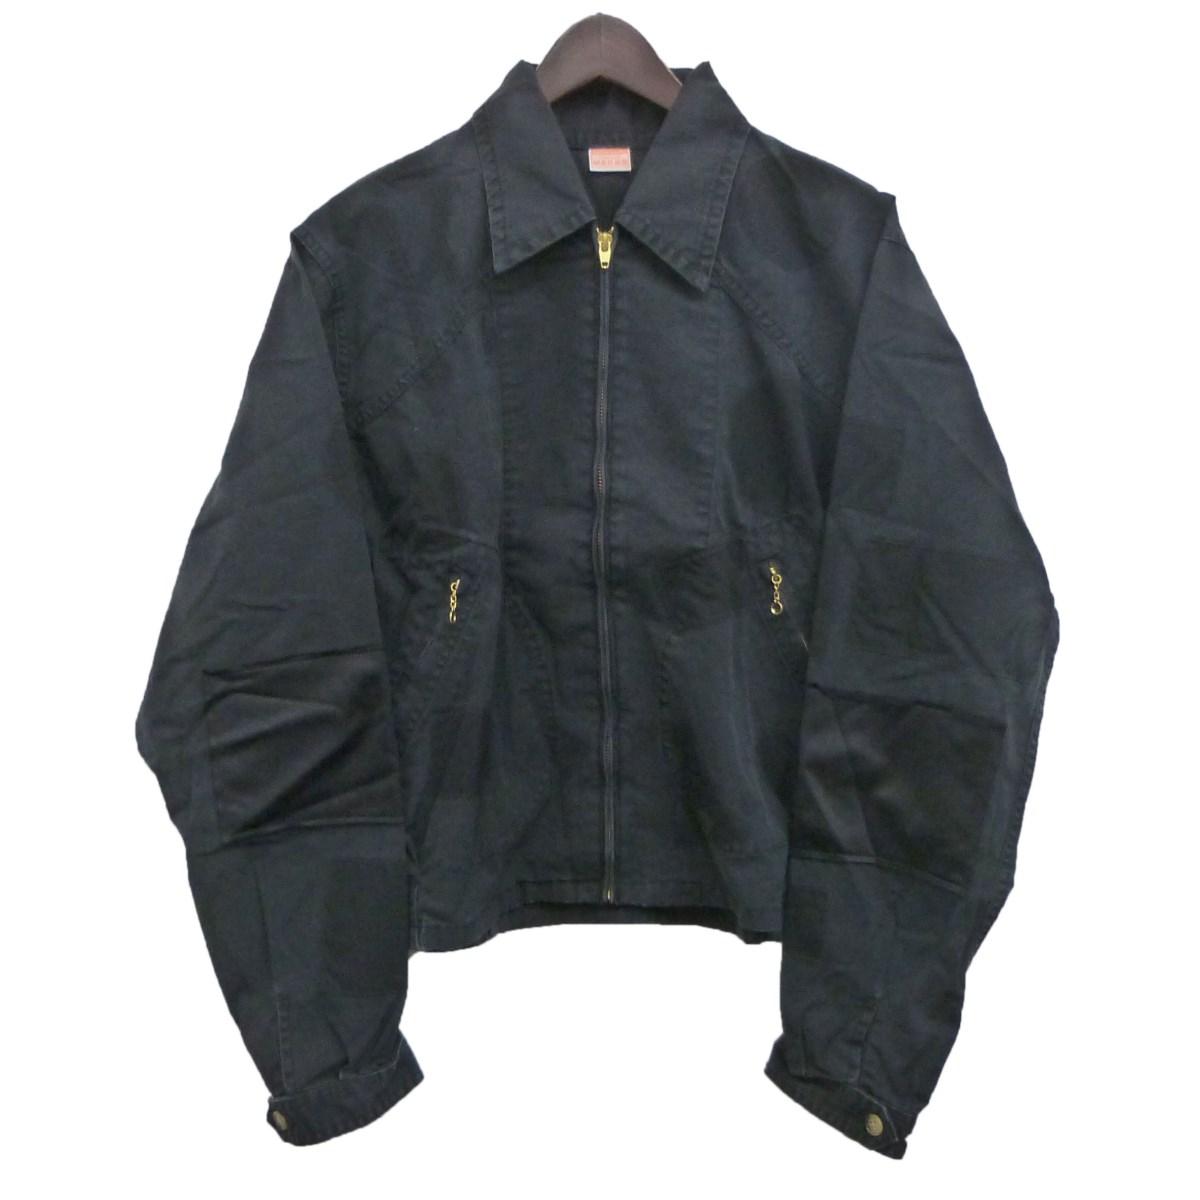 【中古】MAISON EUREKAワークジャケット ブラック サイズ:M 【4月20日見直し】